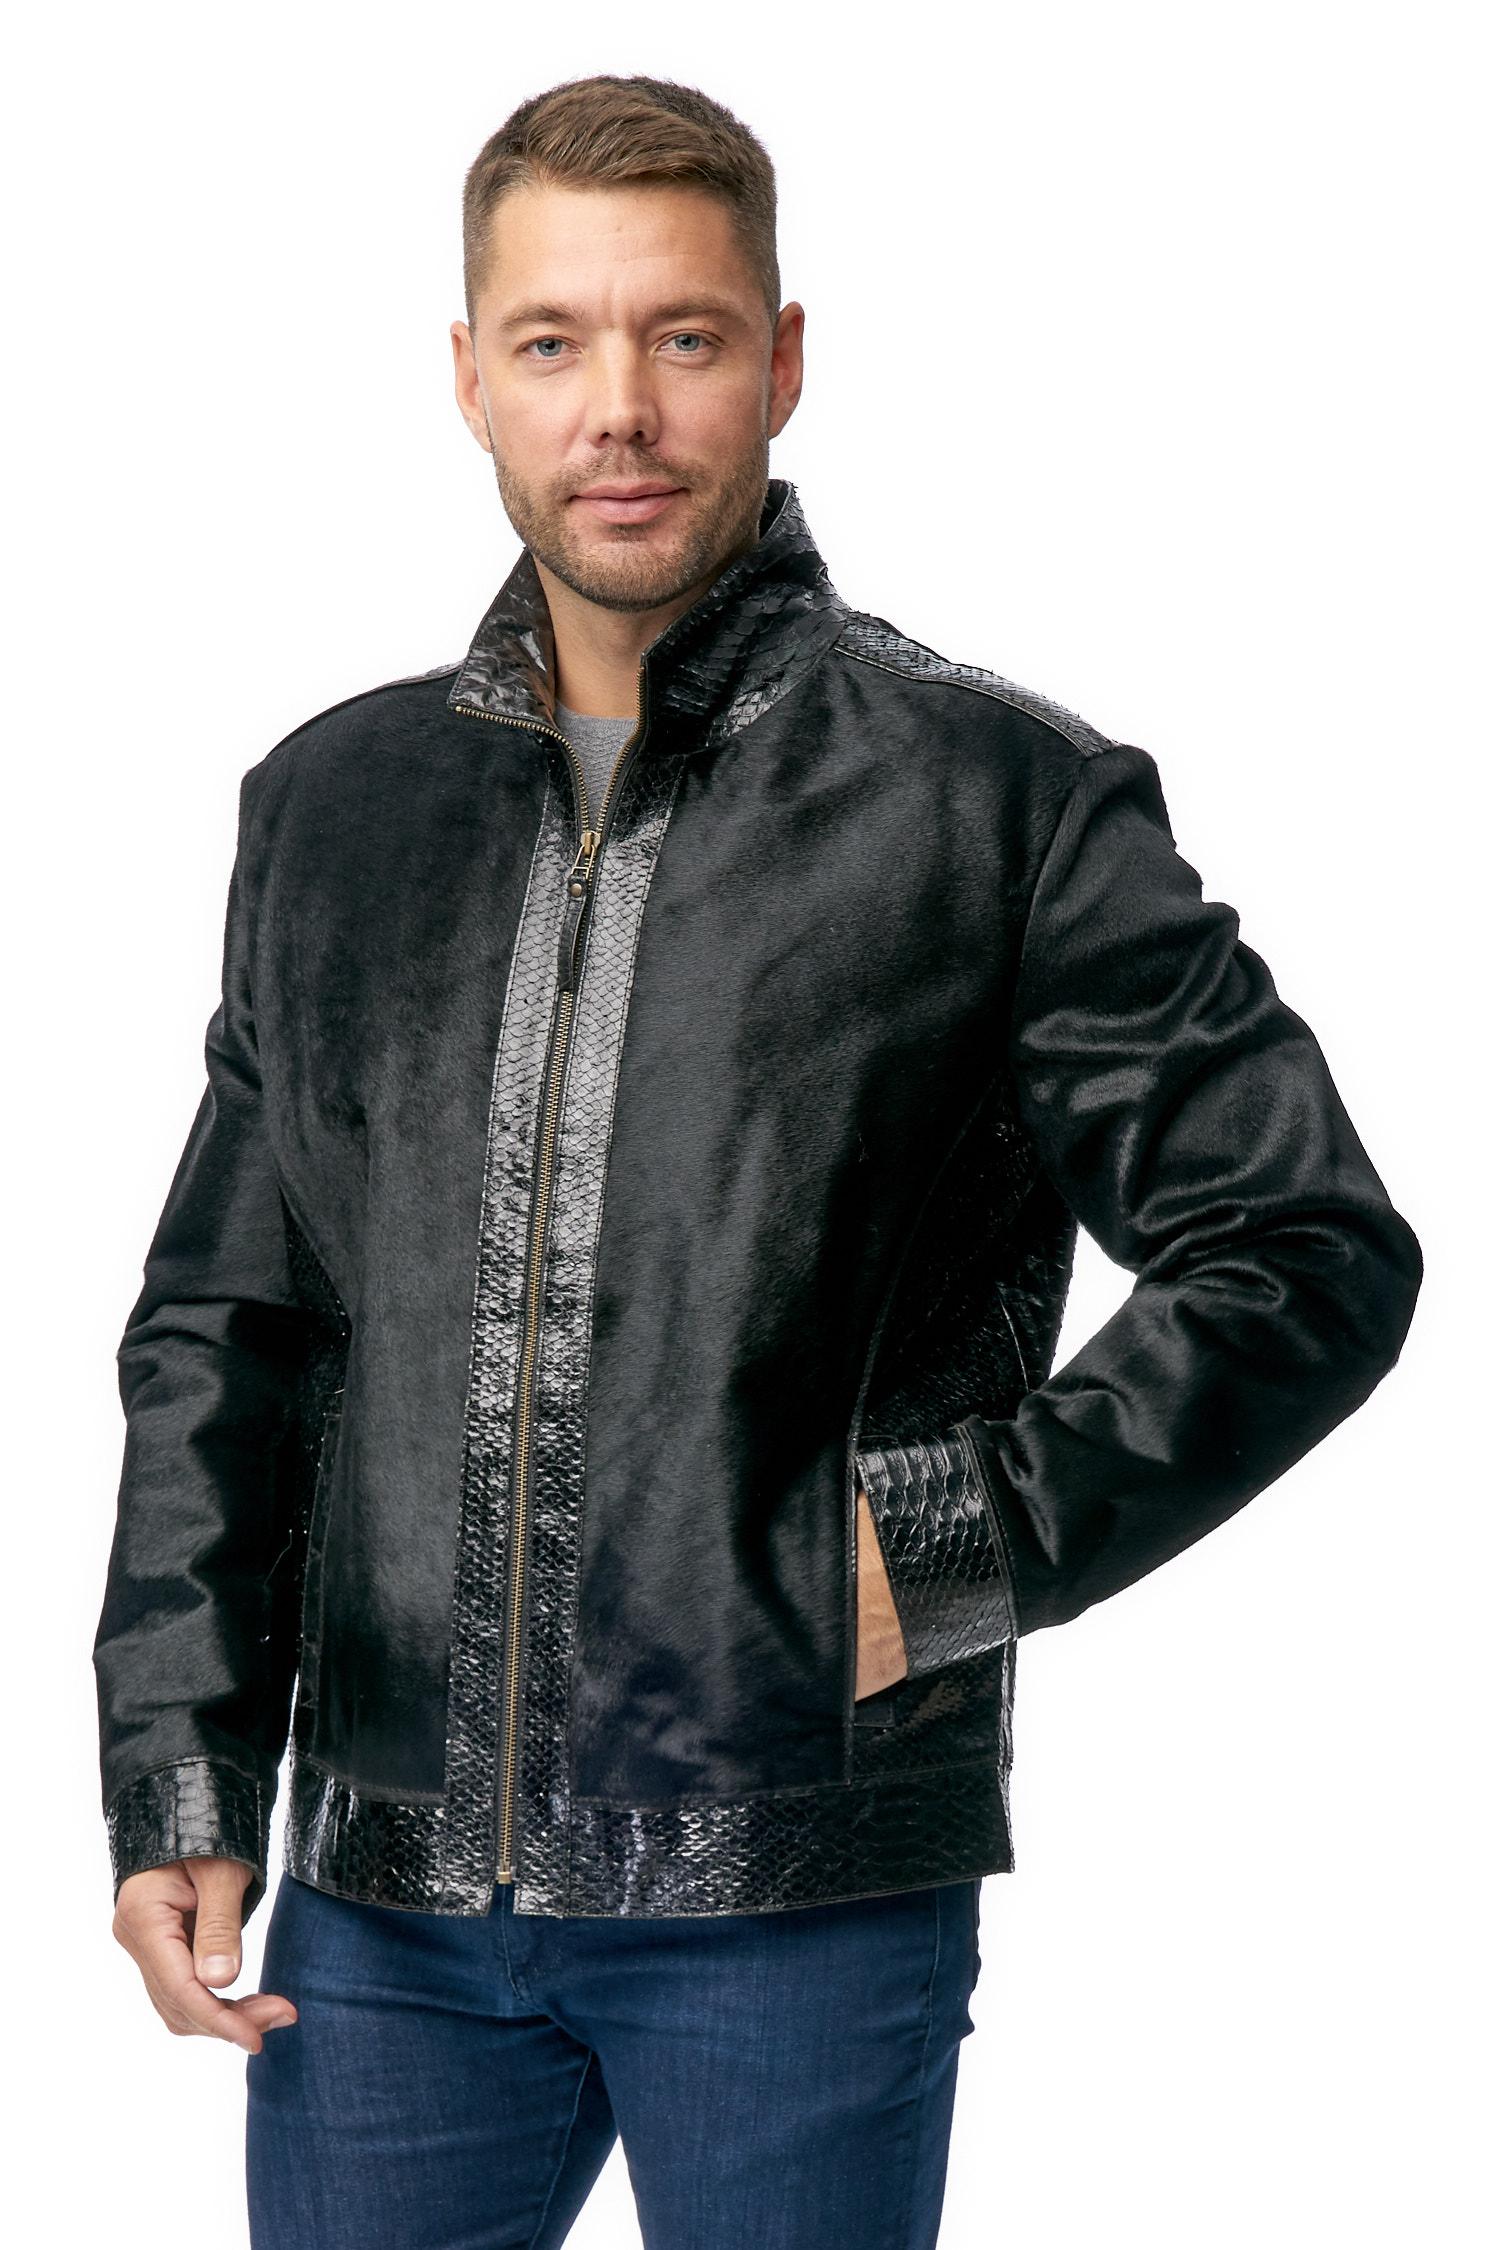 Мужская кожаная куртка из натуральной кожи с воротником, отделка кожа питон МОСМЕХА